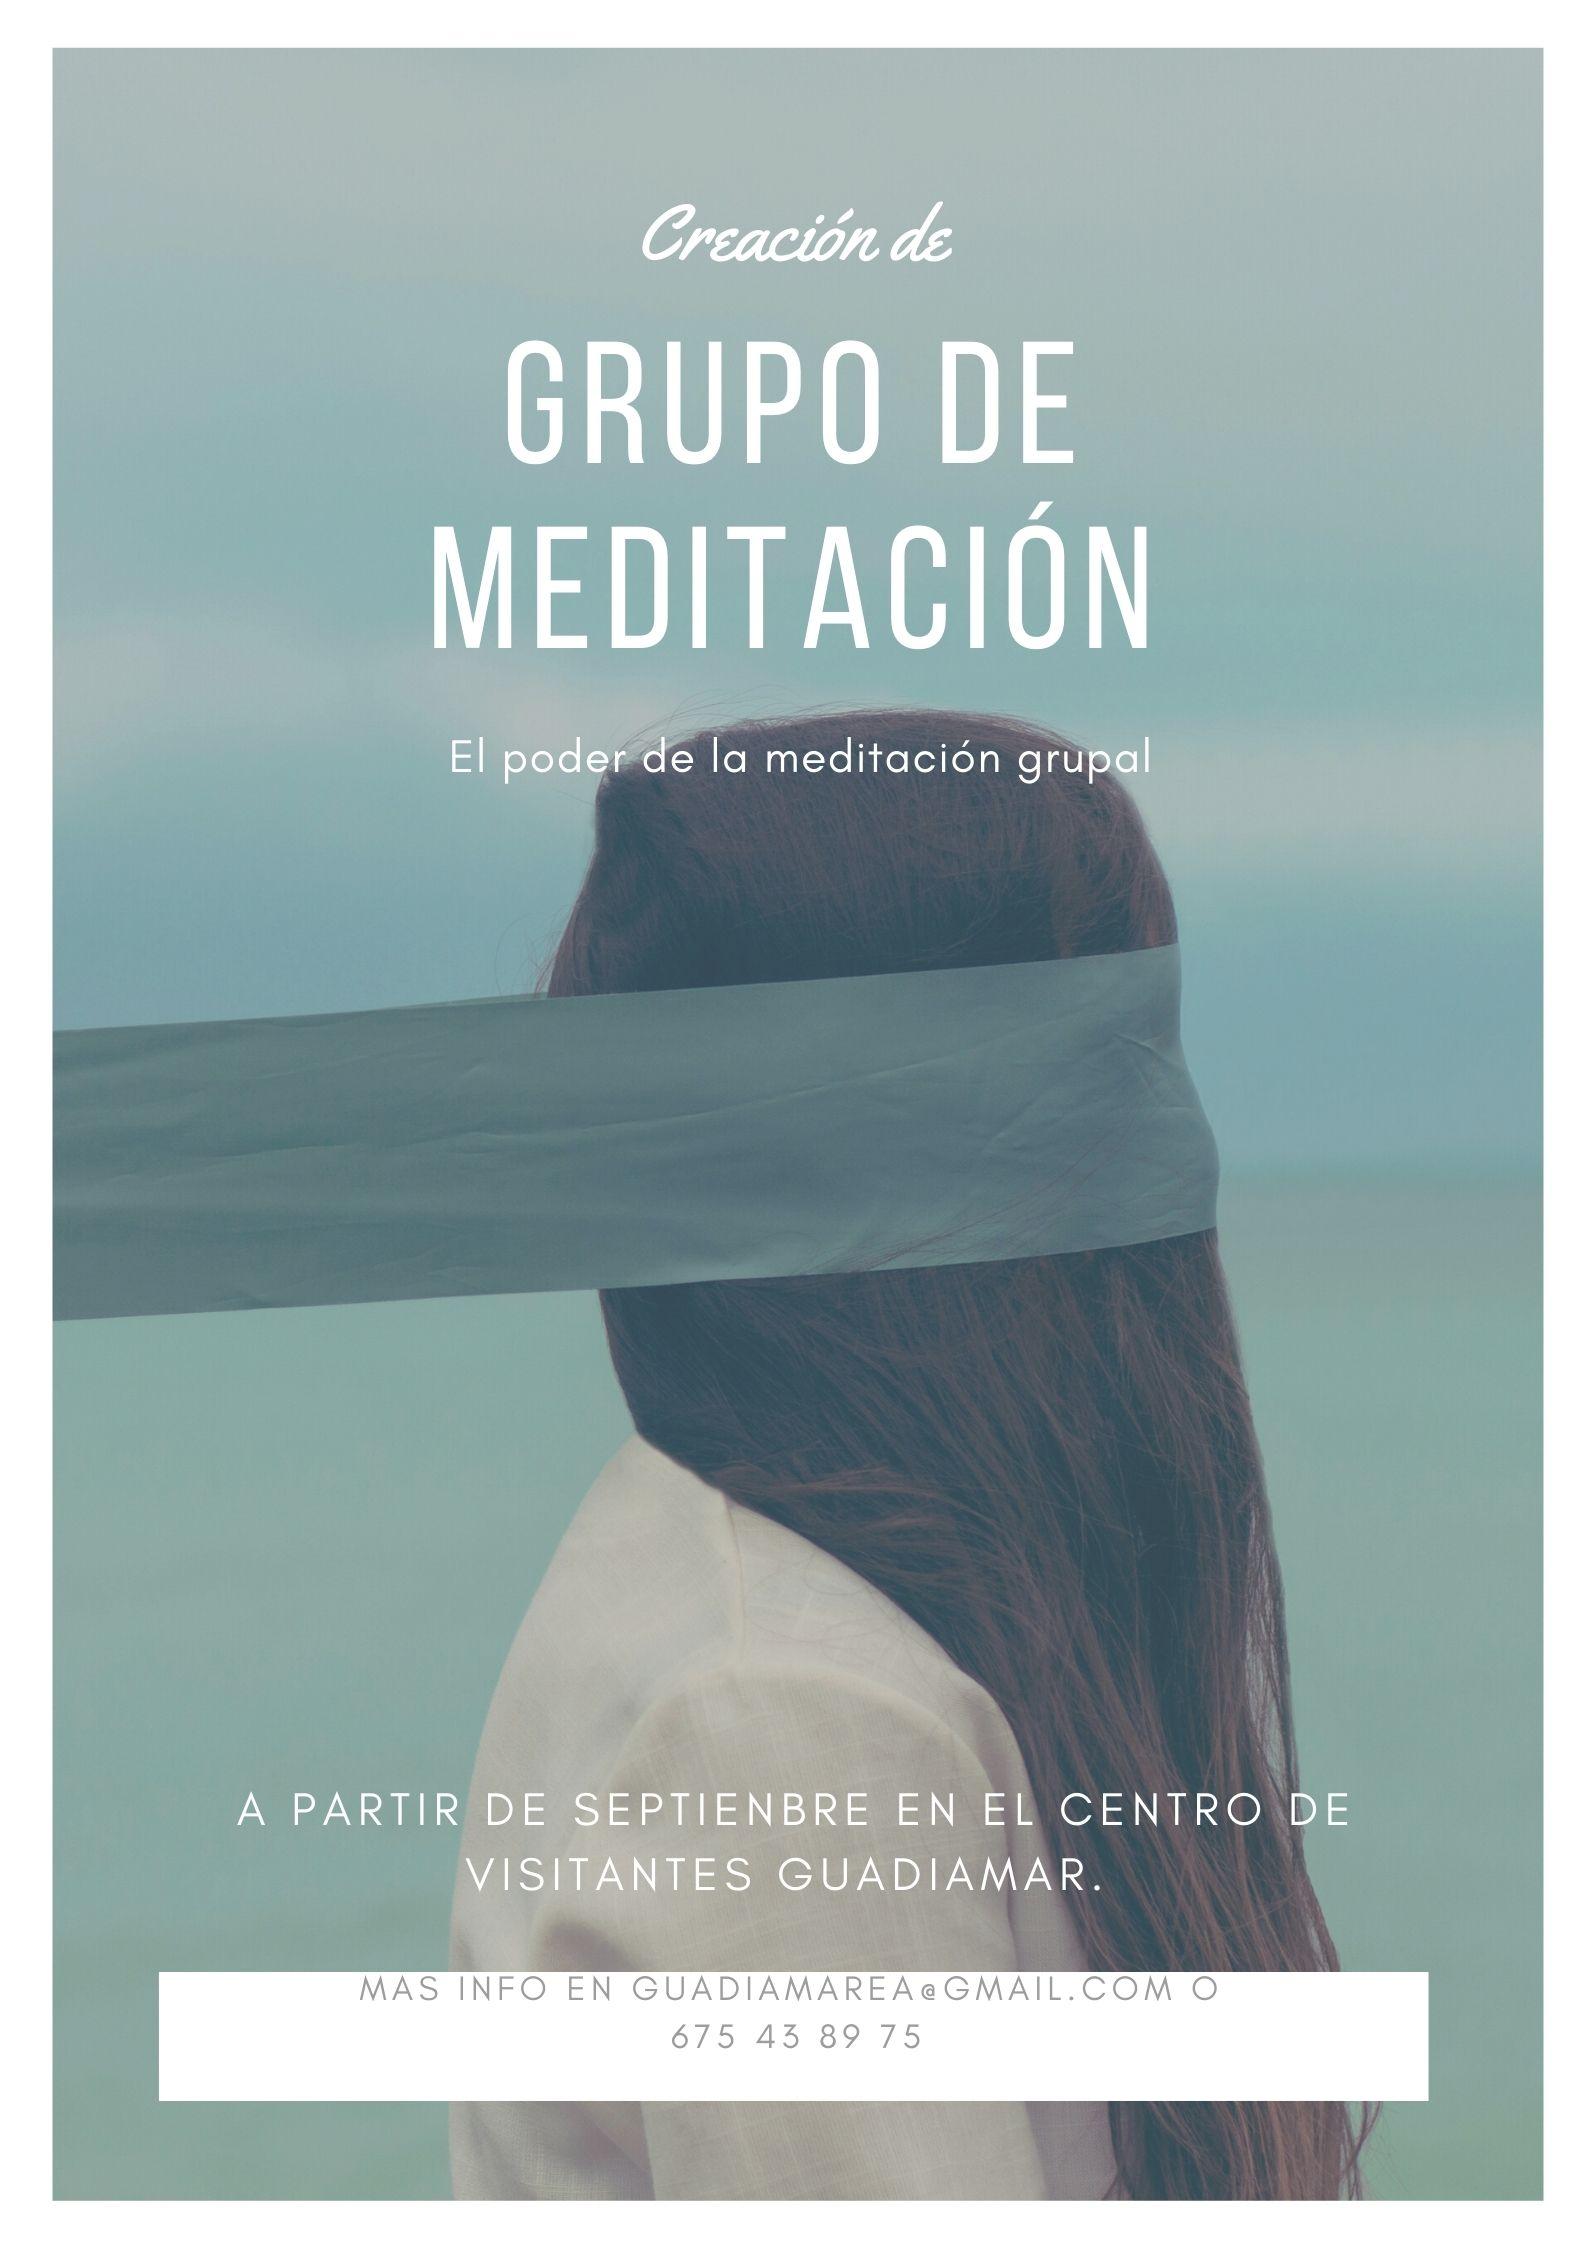 Grupo Meditación grupal